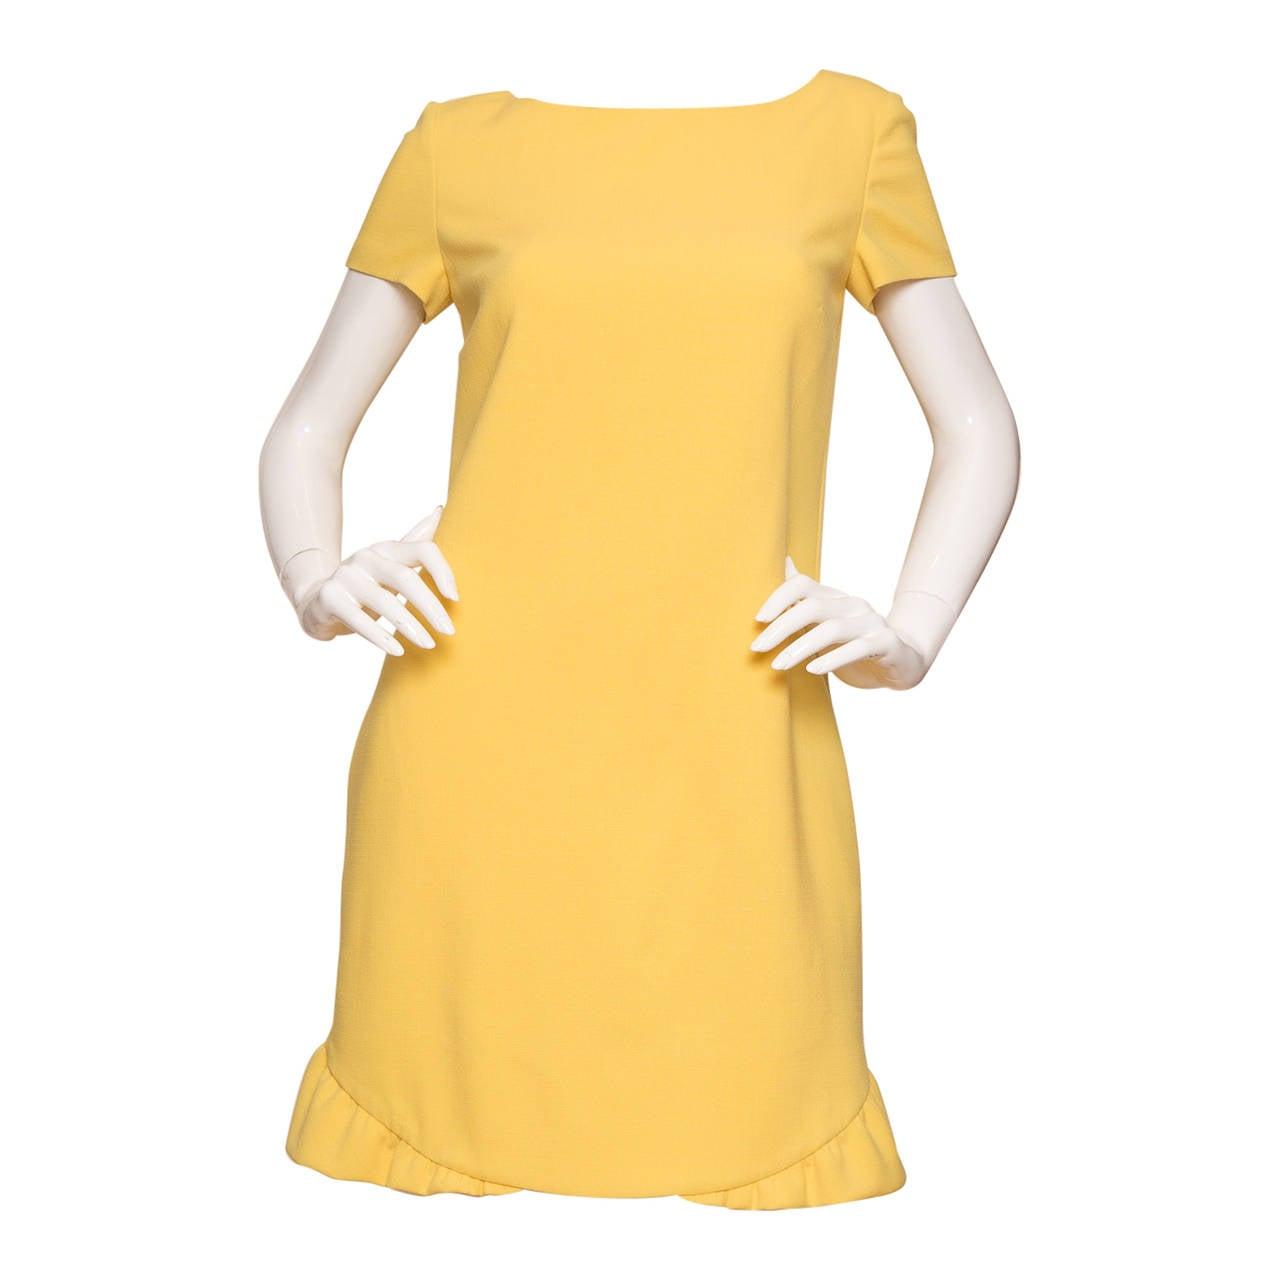 Pucci Yellow Dress